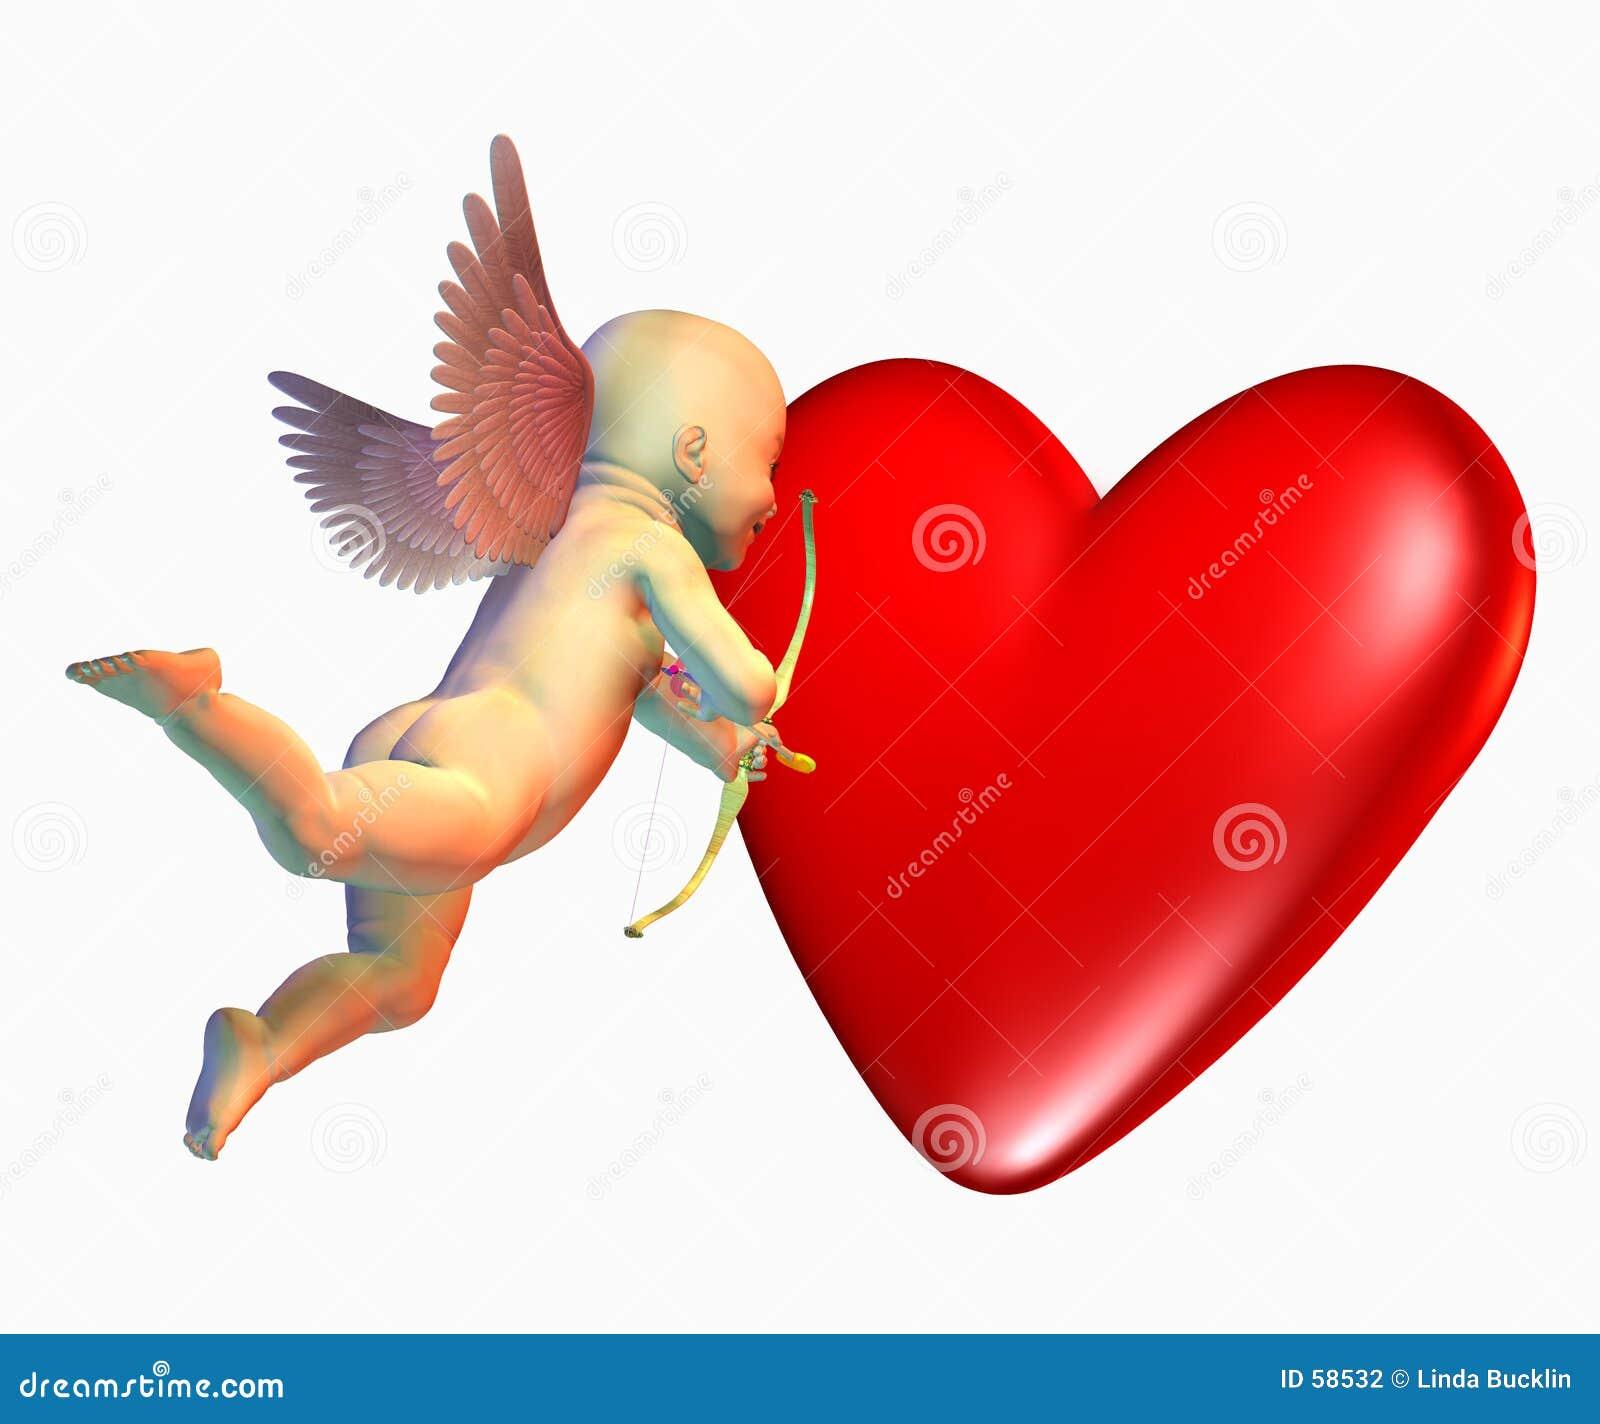 ścinku serce kupidyna zawiera drogę